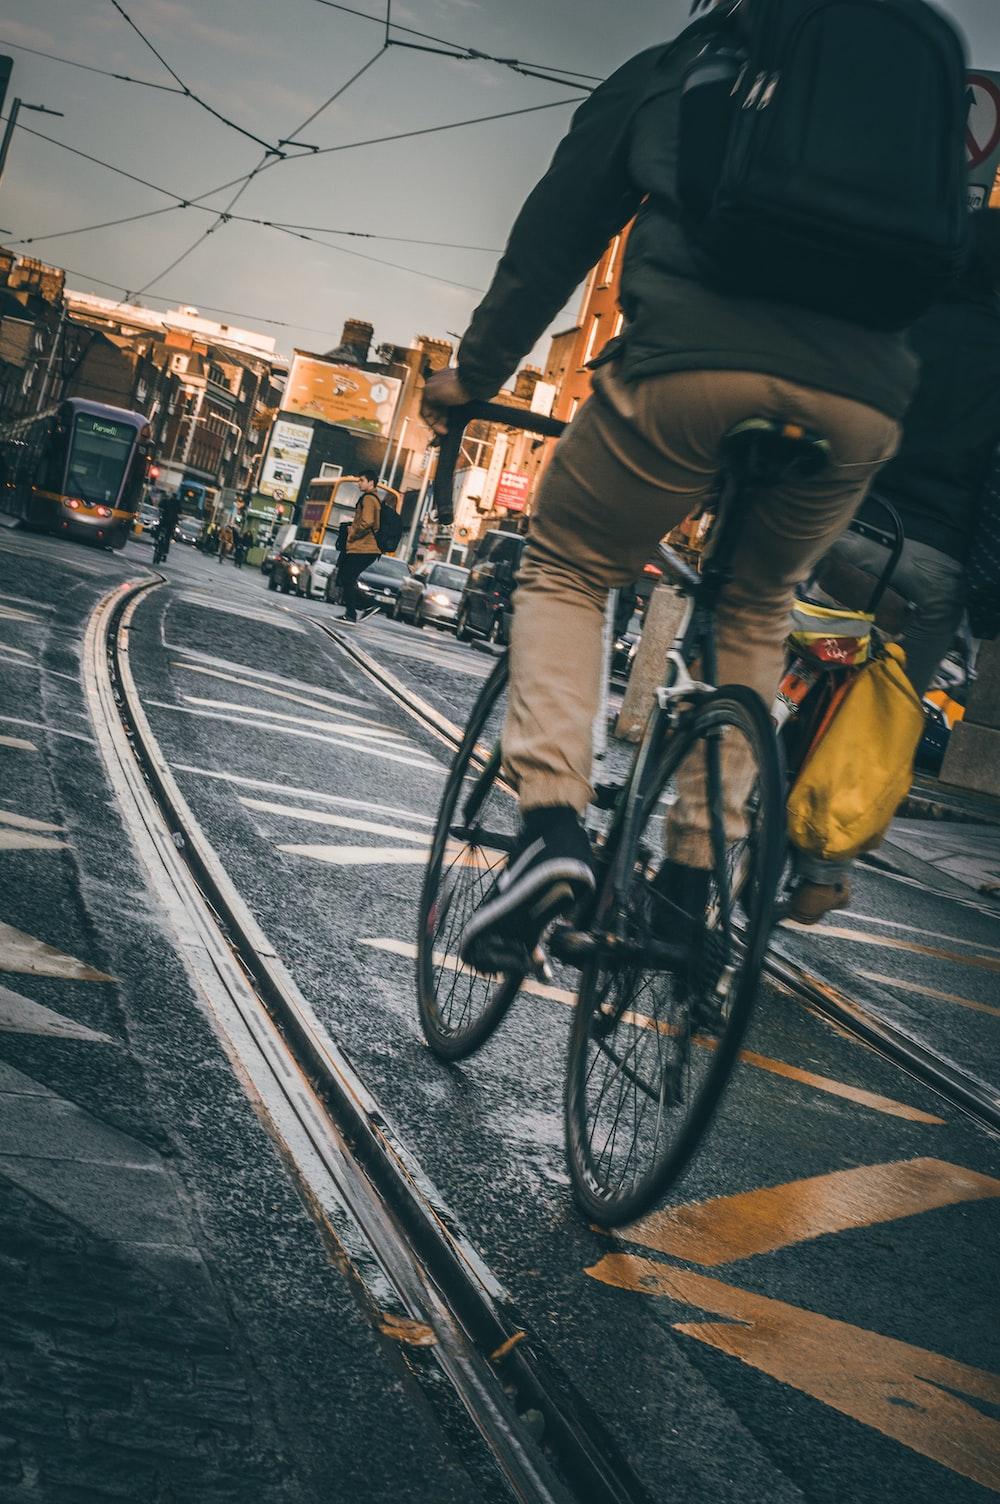 man on bike on road